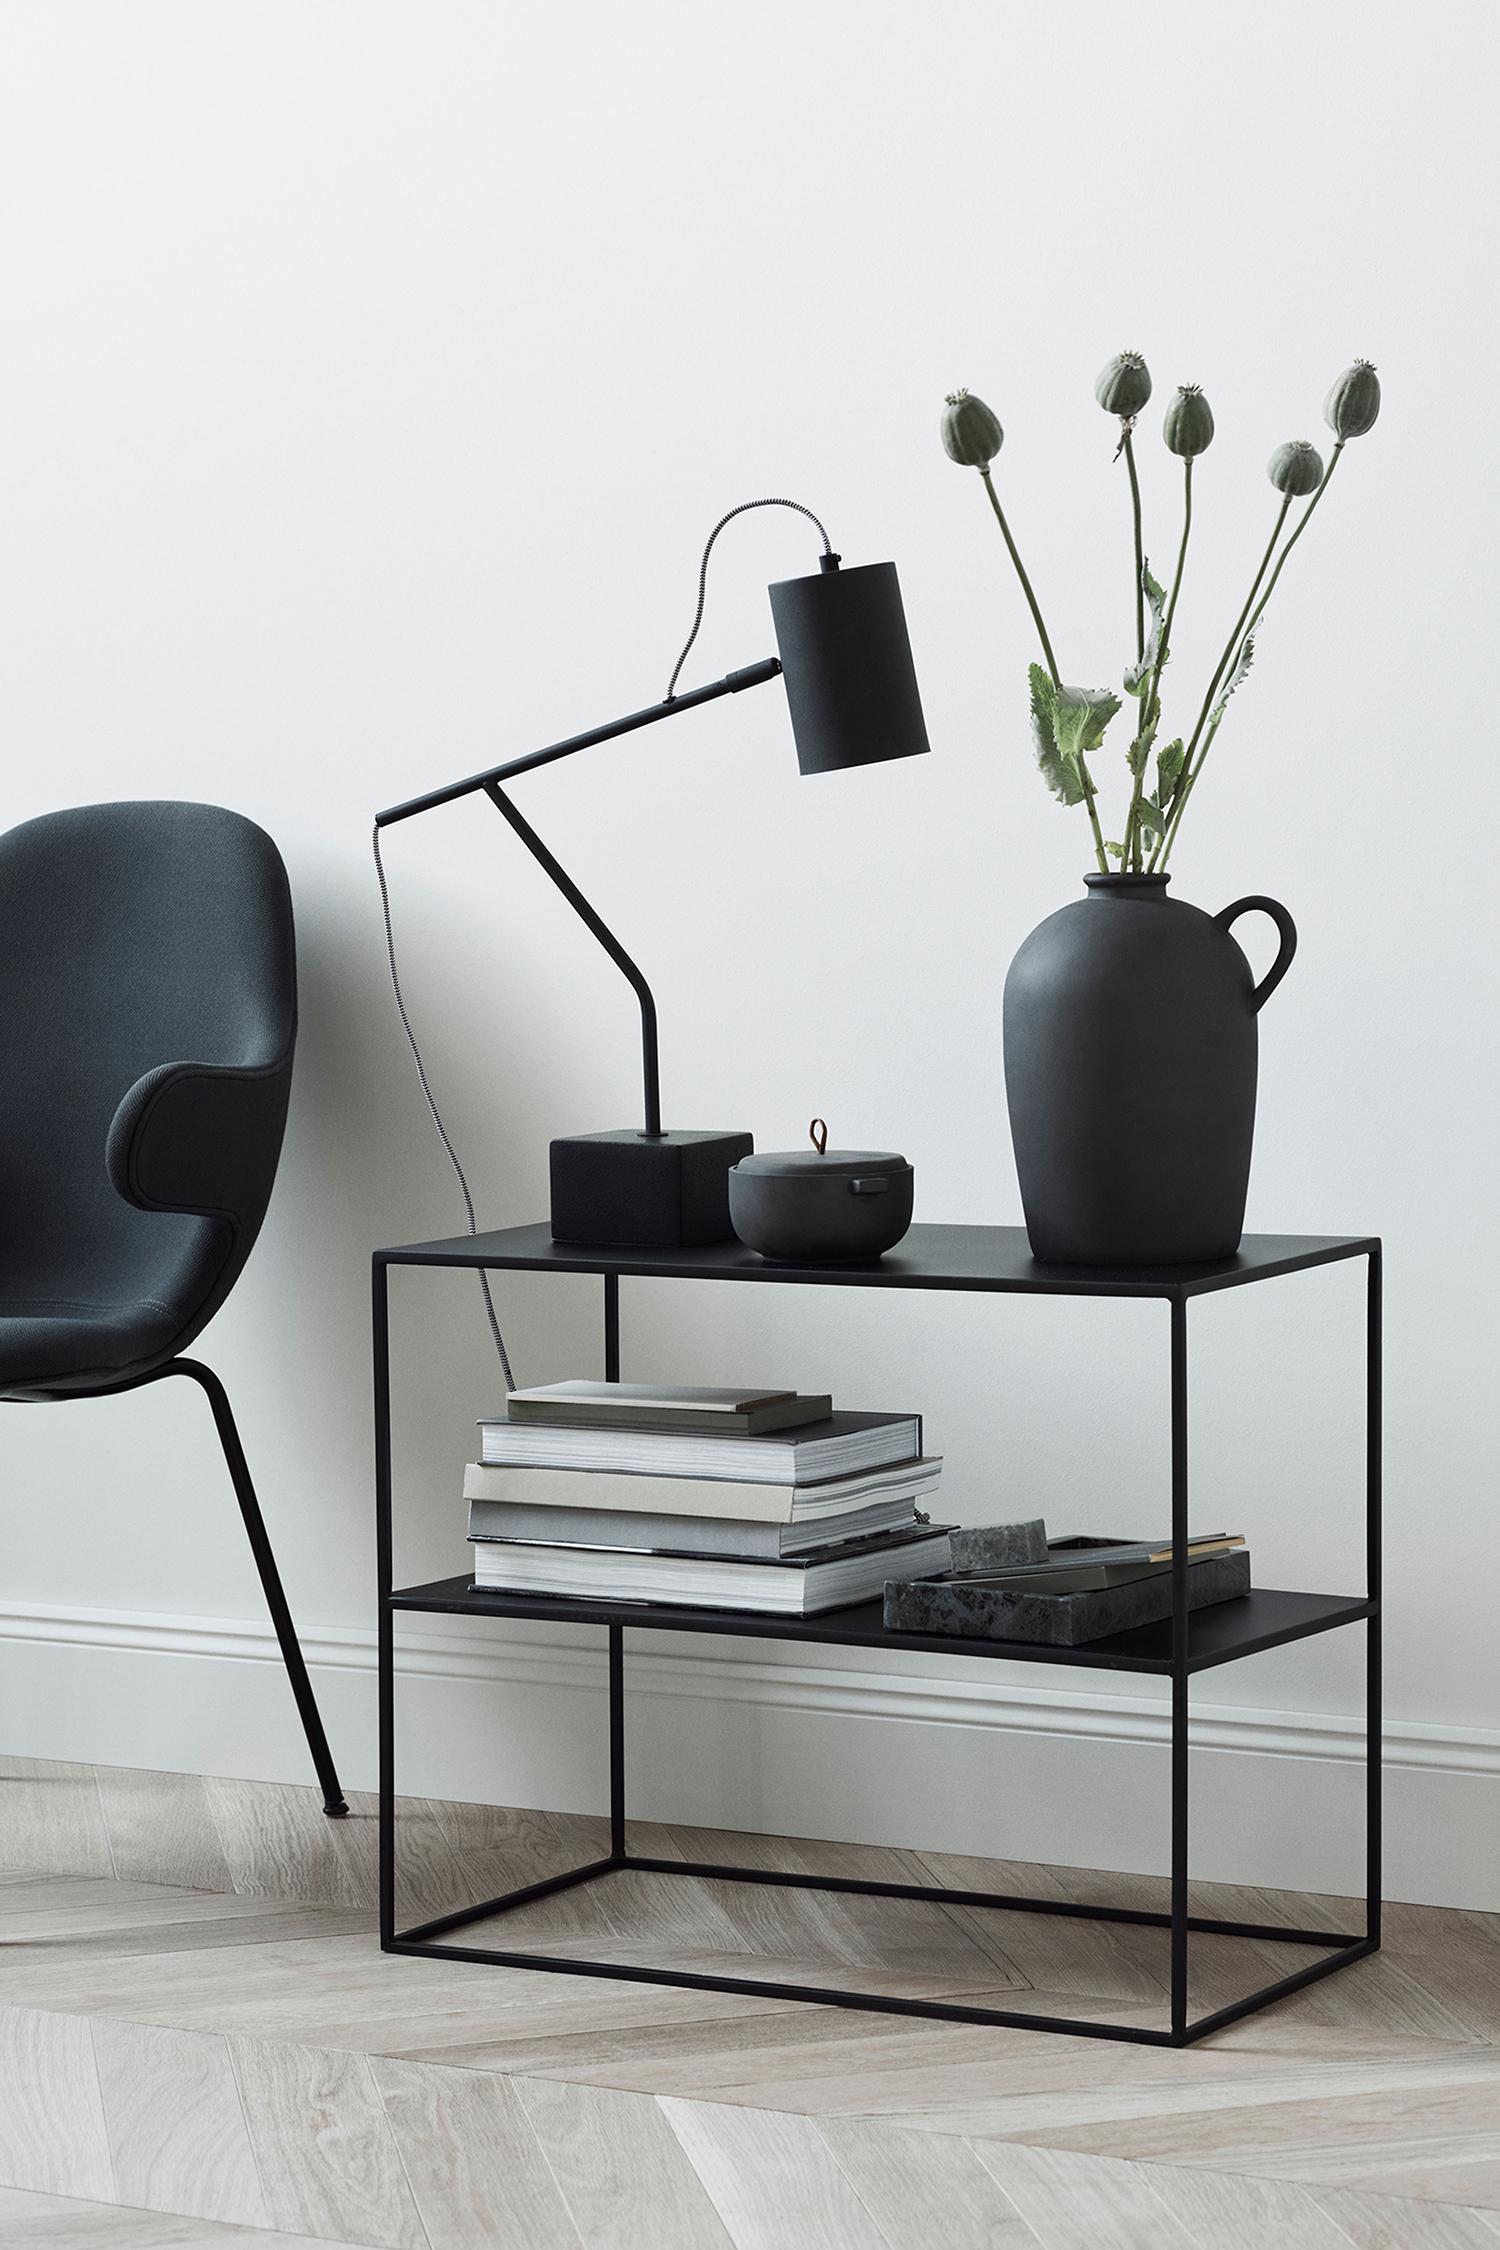 H&M meubelcollectie Metalen sidetable